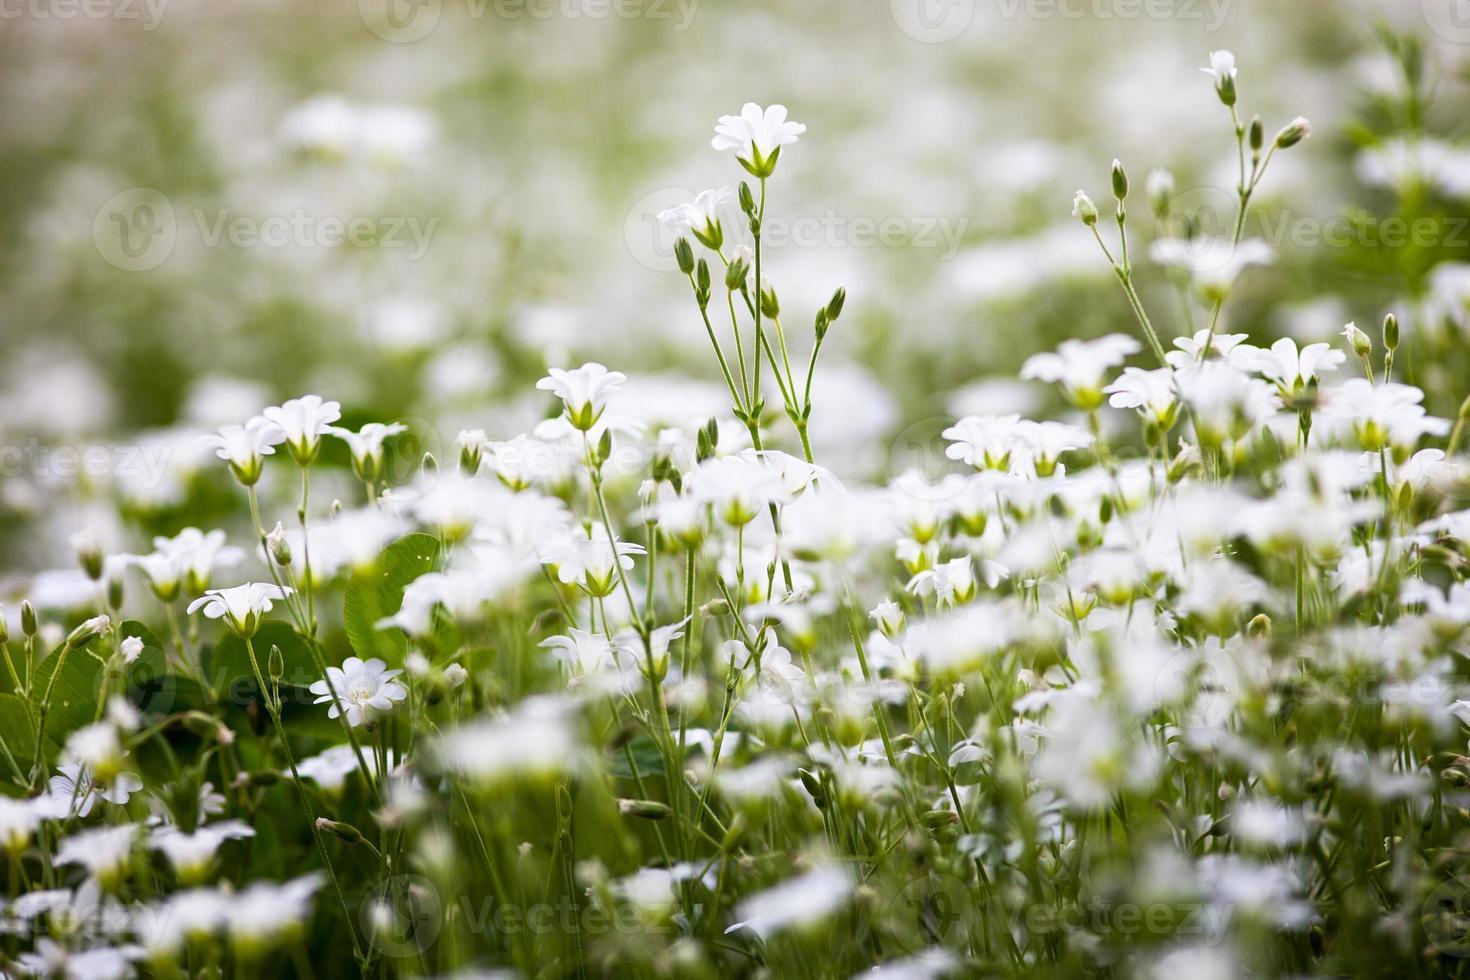 fiori bianchi di stellaria holostea foto